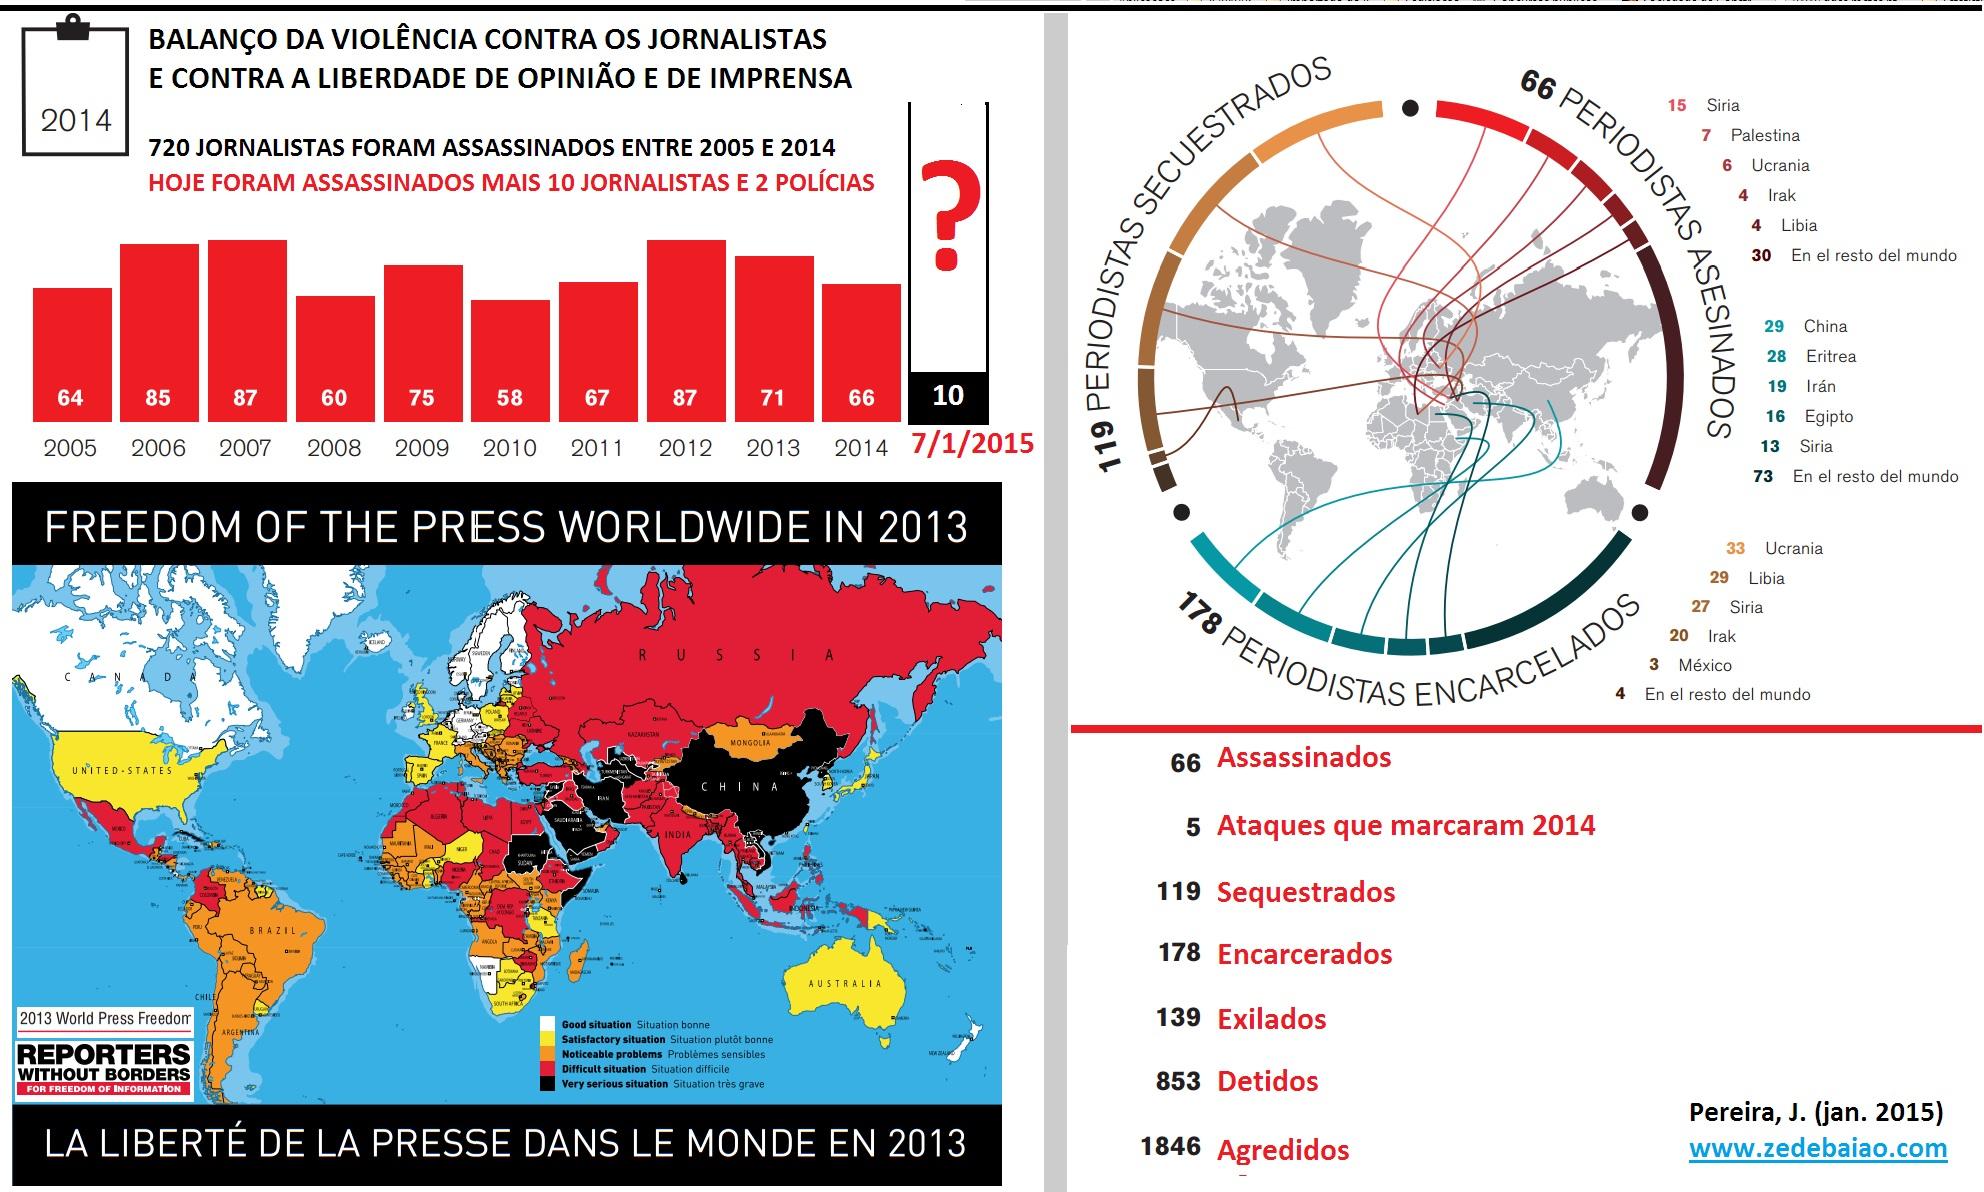 ranking violência jornalismo e imprensa 2014.jpg